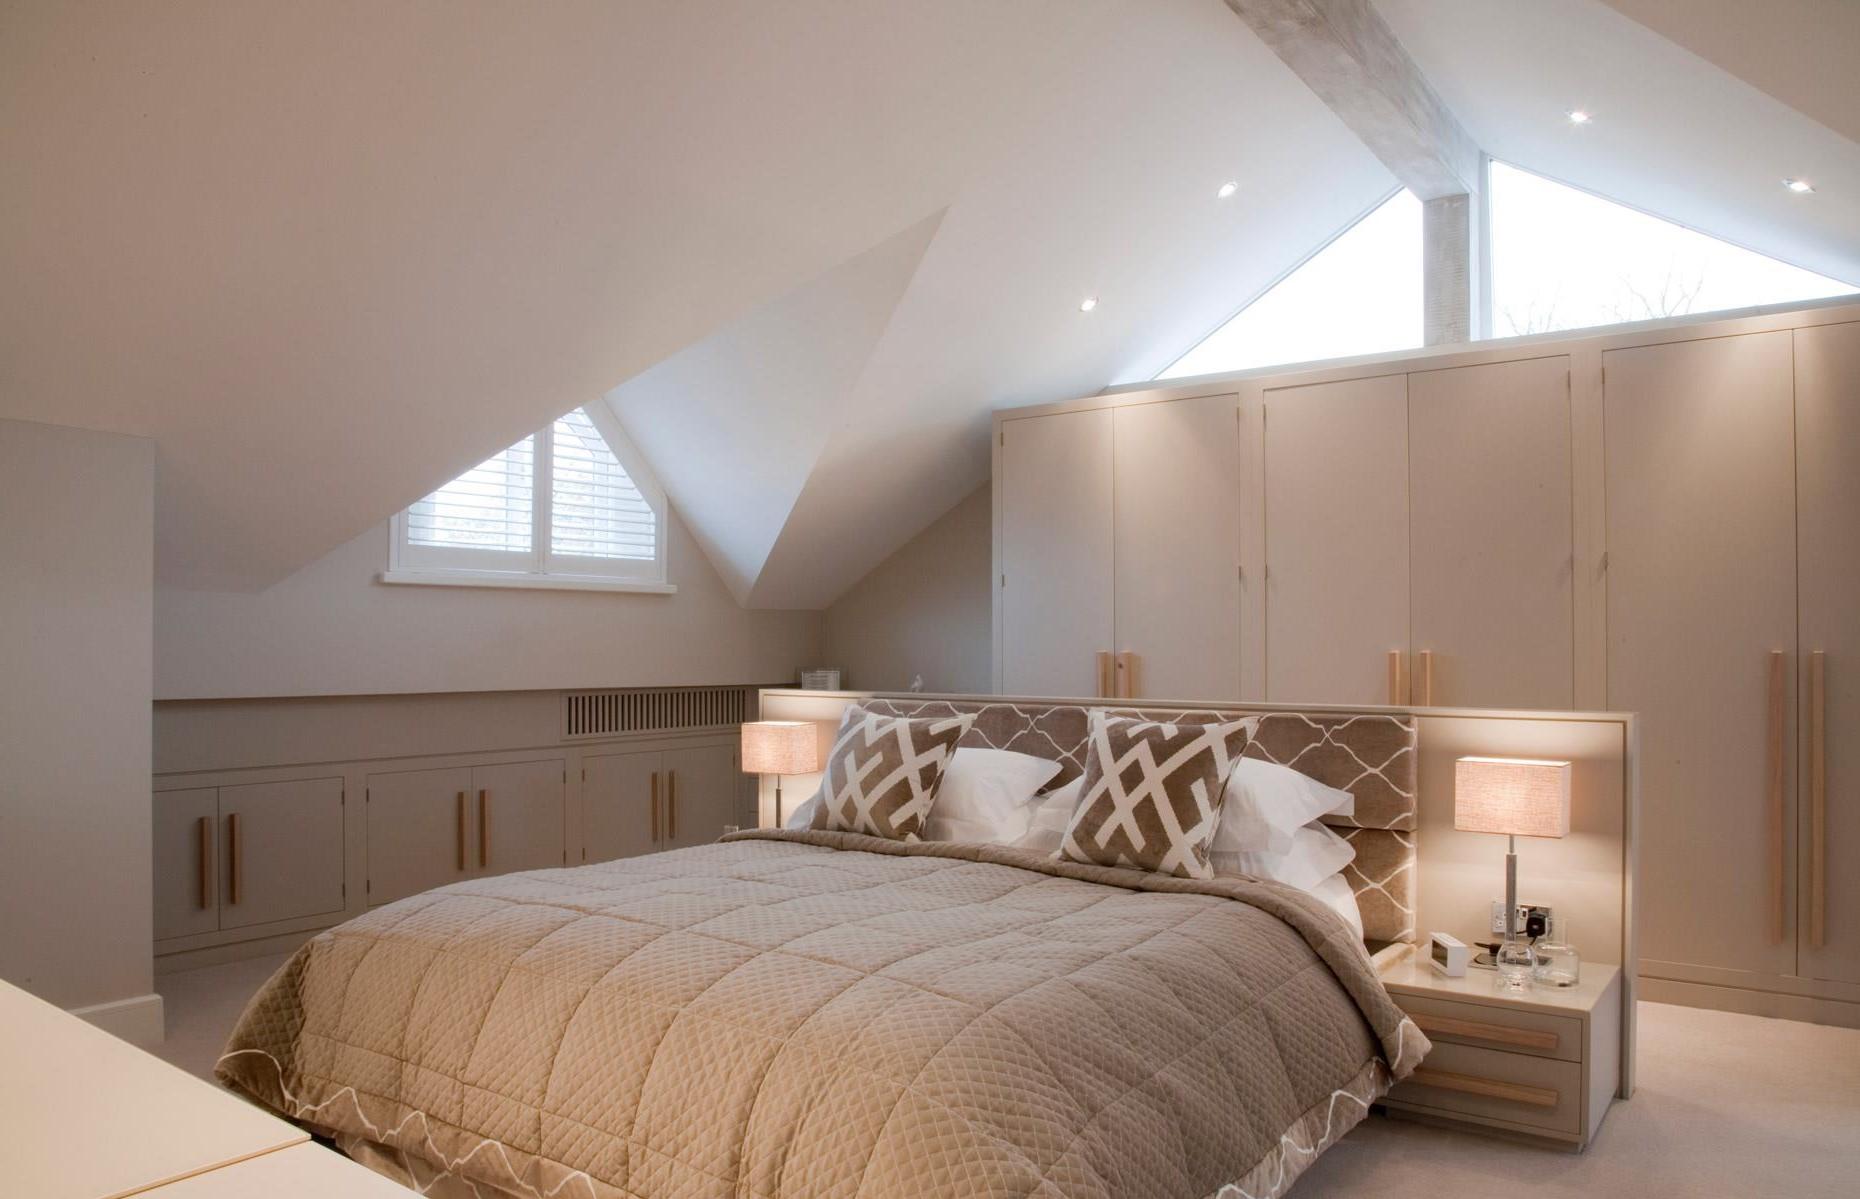 Aménagement sous combles: ces espaces peuvent encore s'avérer très utiles pour accueillir des invités, en particulier les plus jeunes.